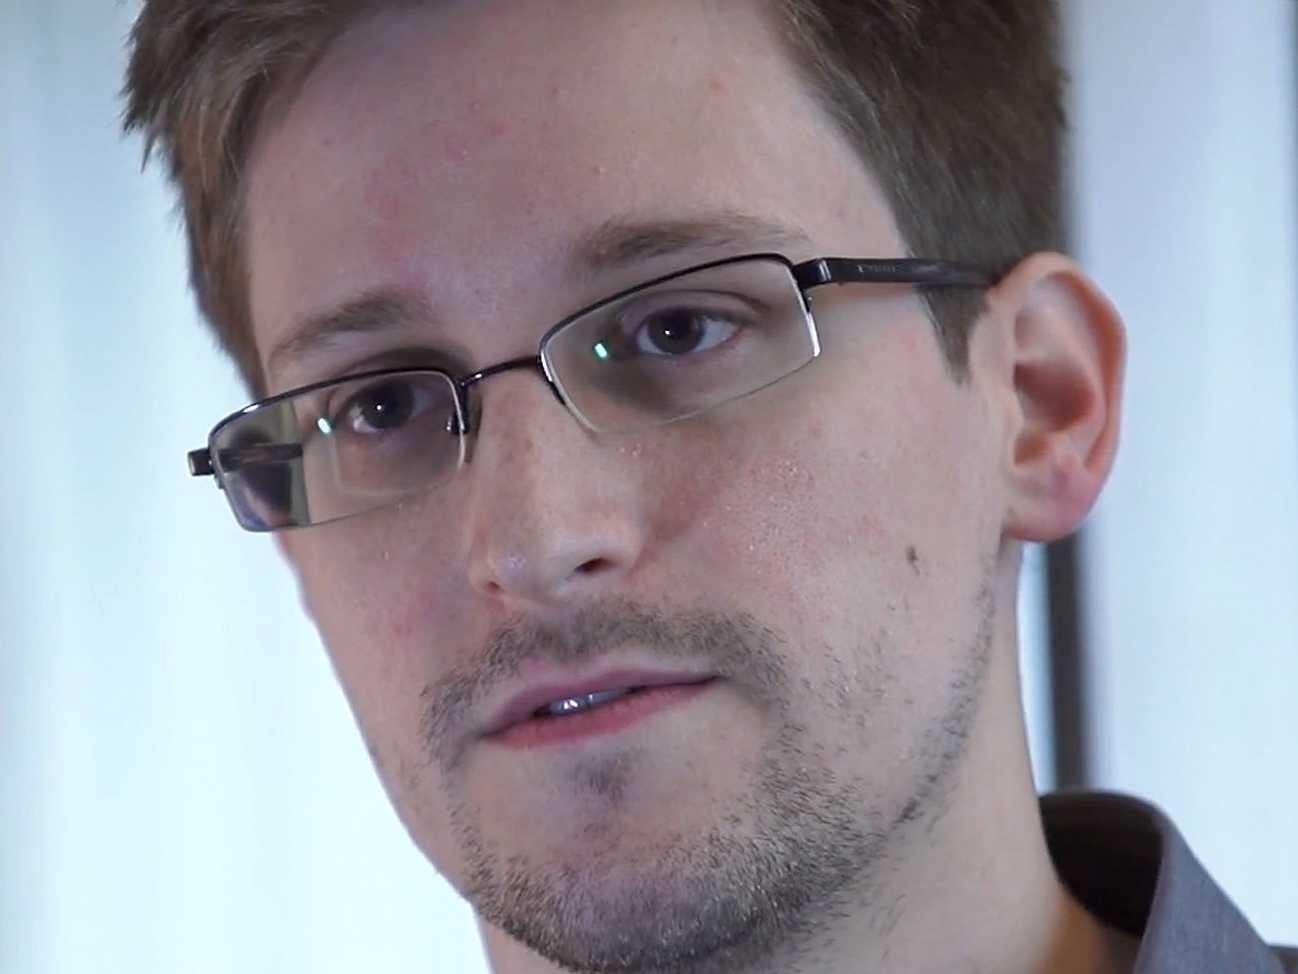 O Depoimento de Edward Snowden (censurado nos EUA) para a TV alemã - Edward-Snowden-Hired-For-Job-In-Russia